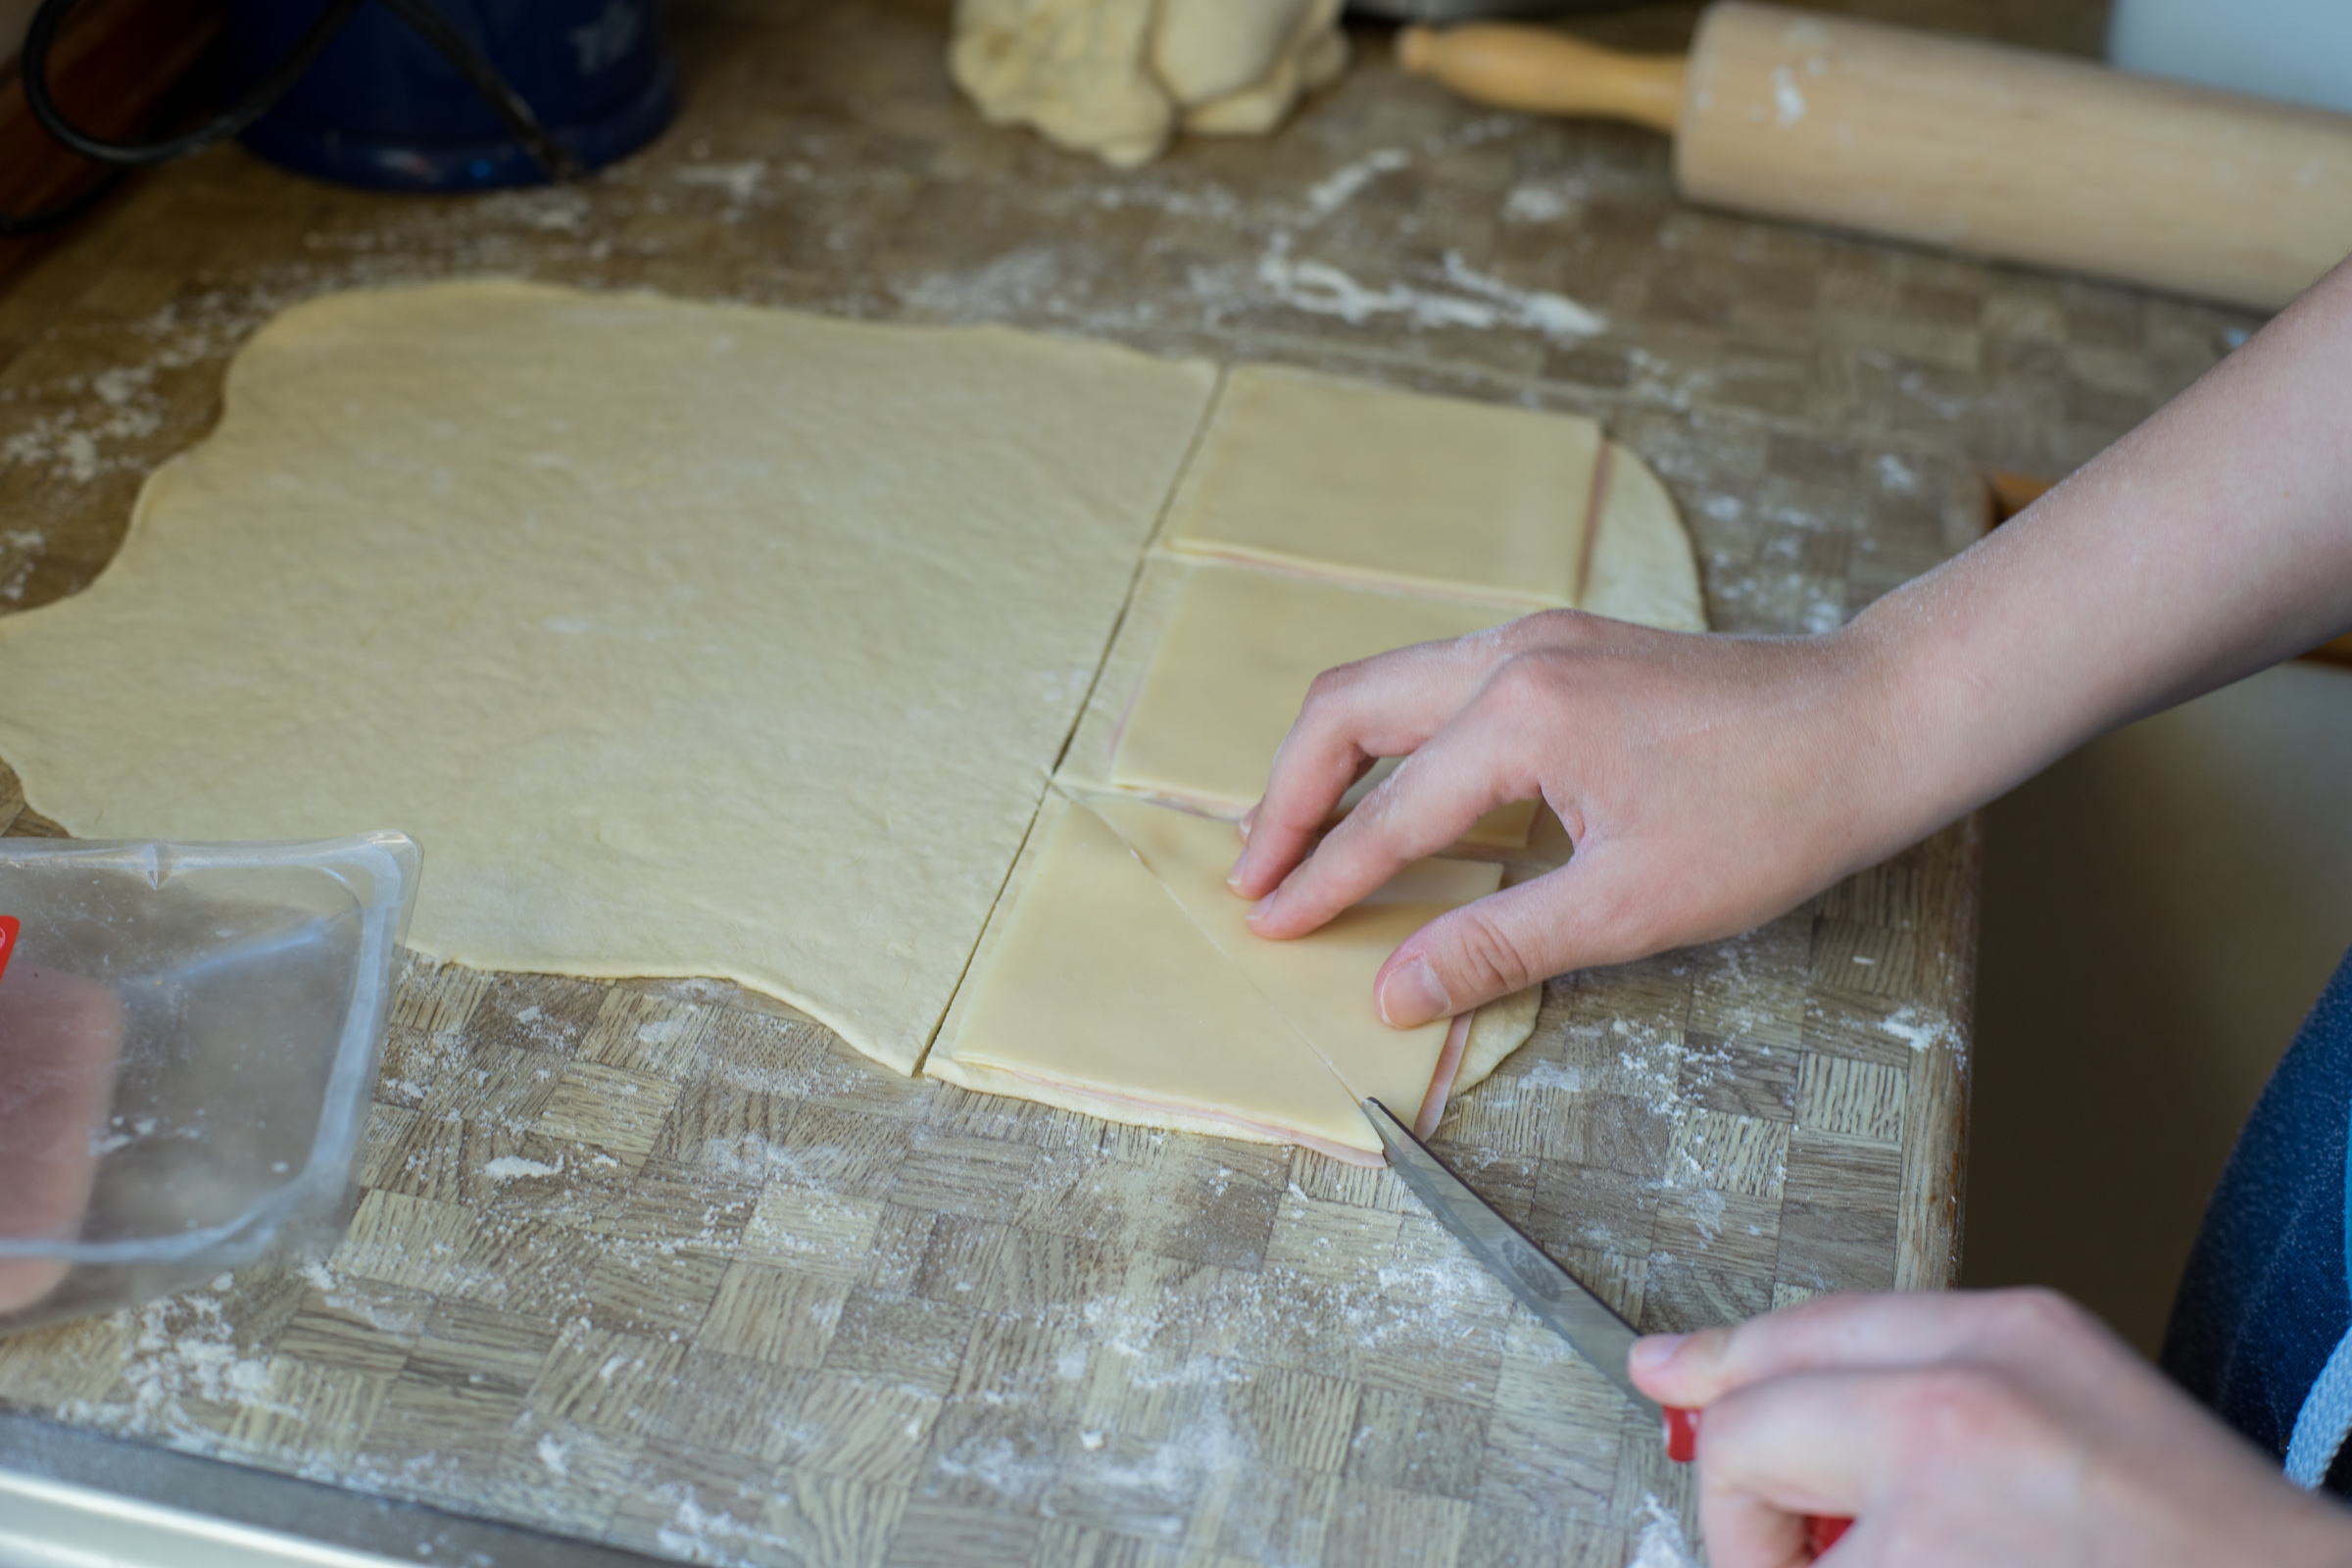 Wir haben den Teig in Quadrate geschnitten, würden aber einen Kreis empfehlen. (pp)